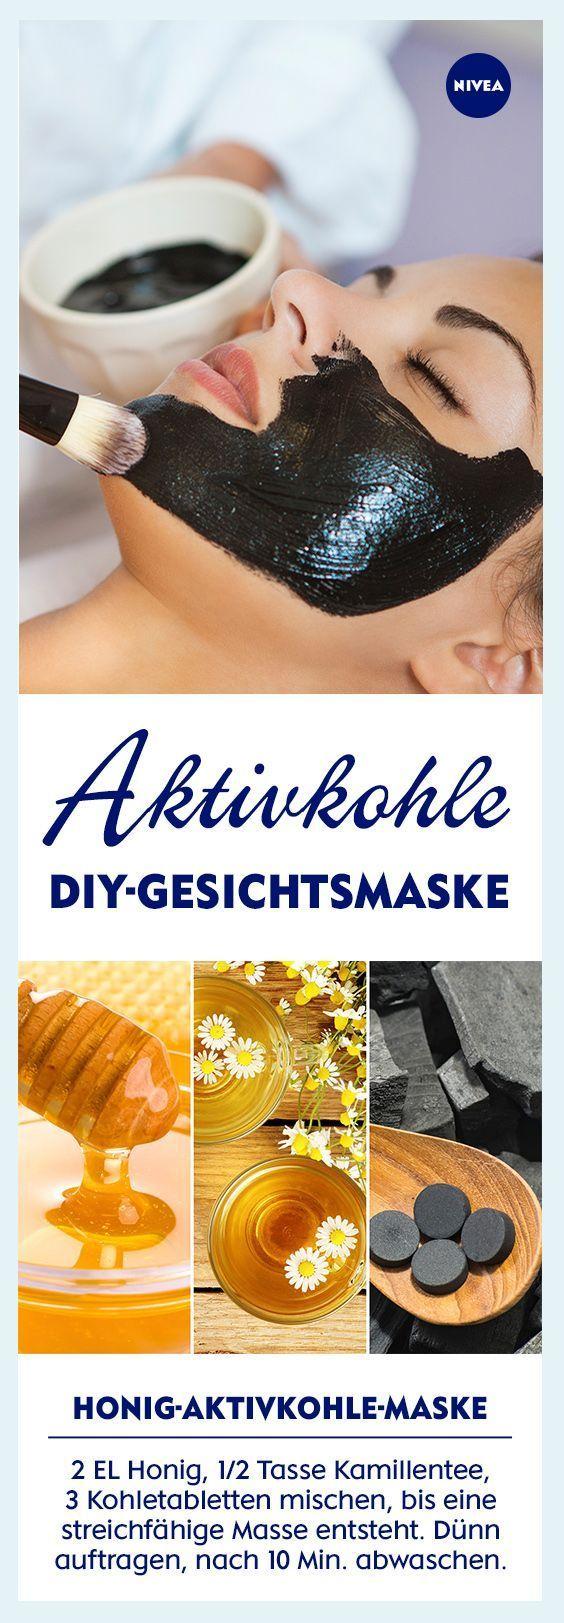 Aktivkohle für die Haut: Tipps zur Anwendung und DIY-Ideen #homemadeskincare